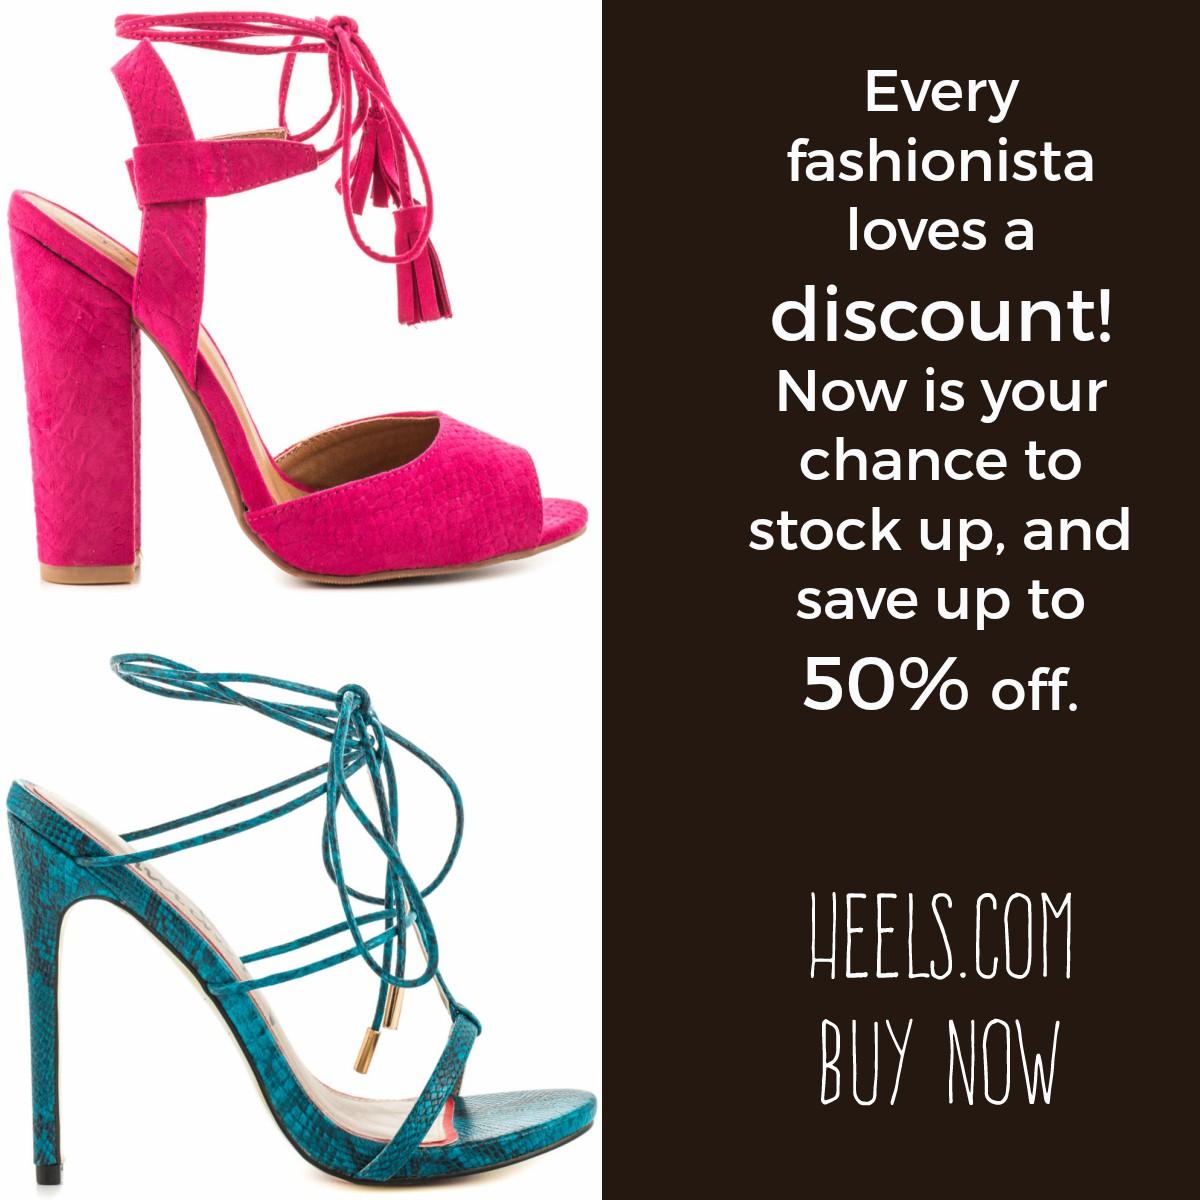 Heels.com Sale